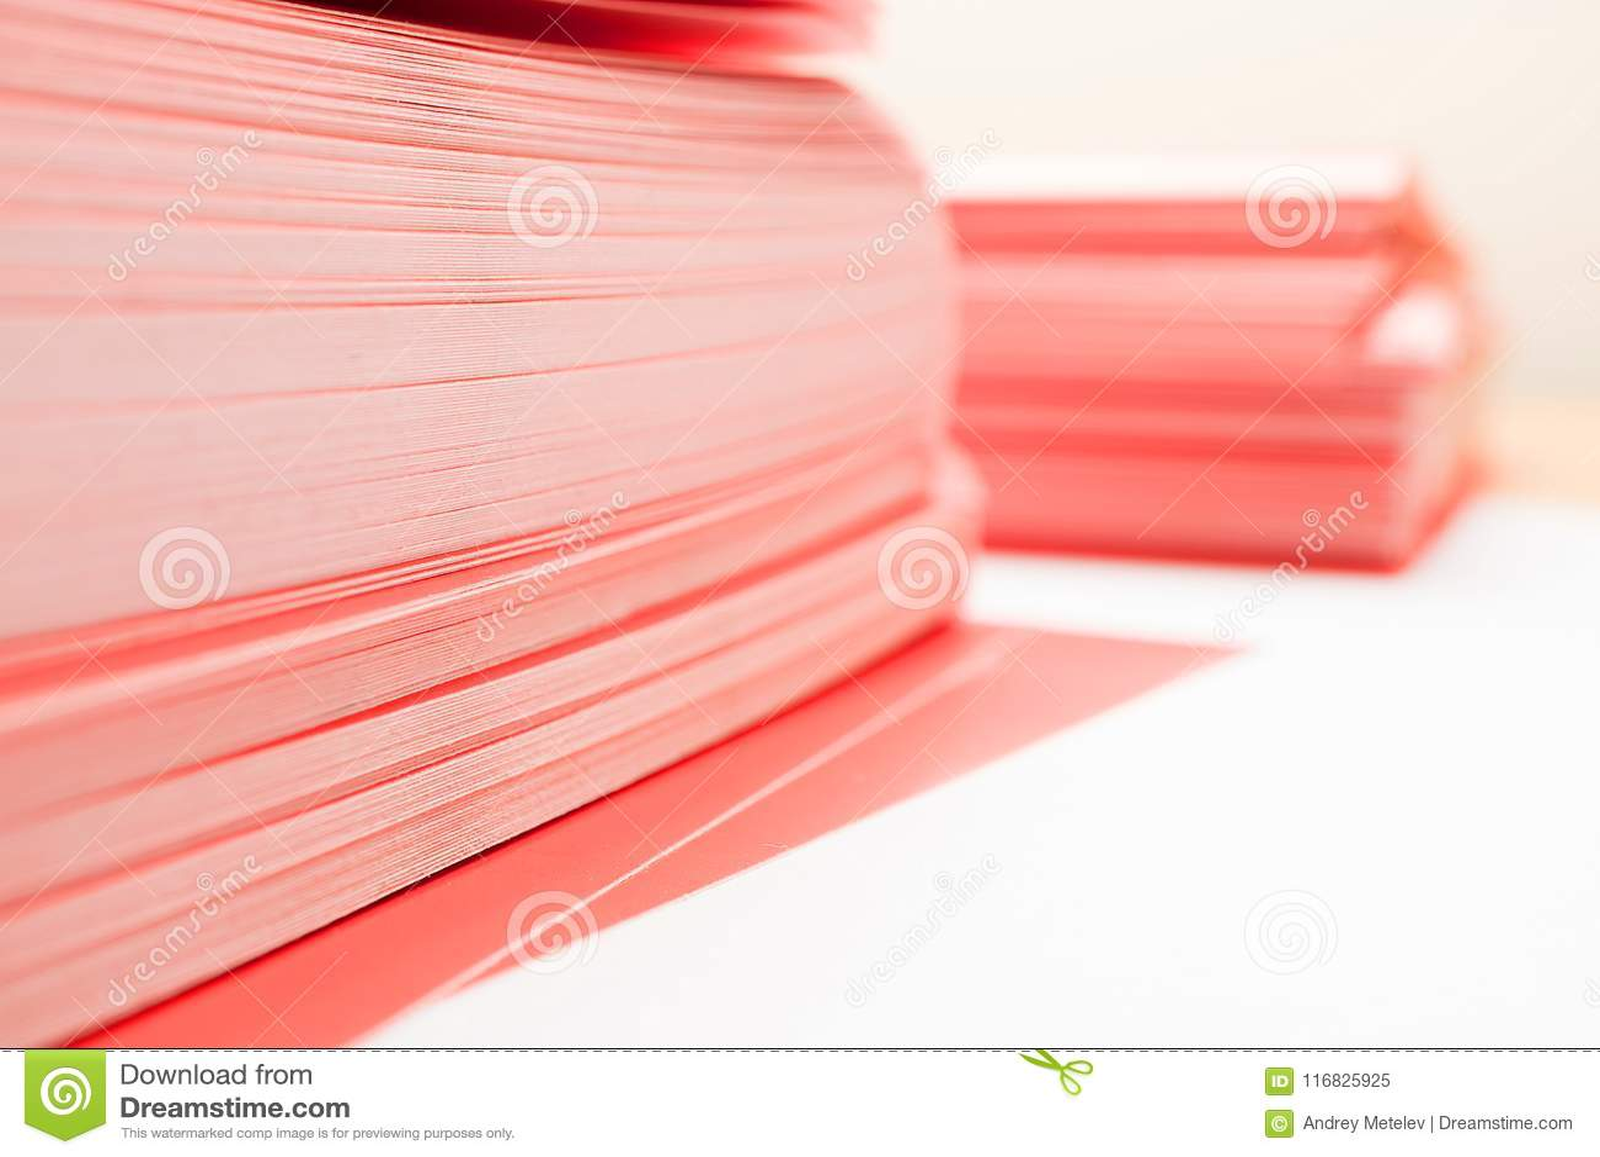 堆的角落在桌上的红色纸,两堆密集的纸